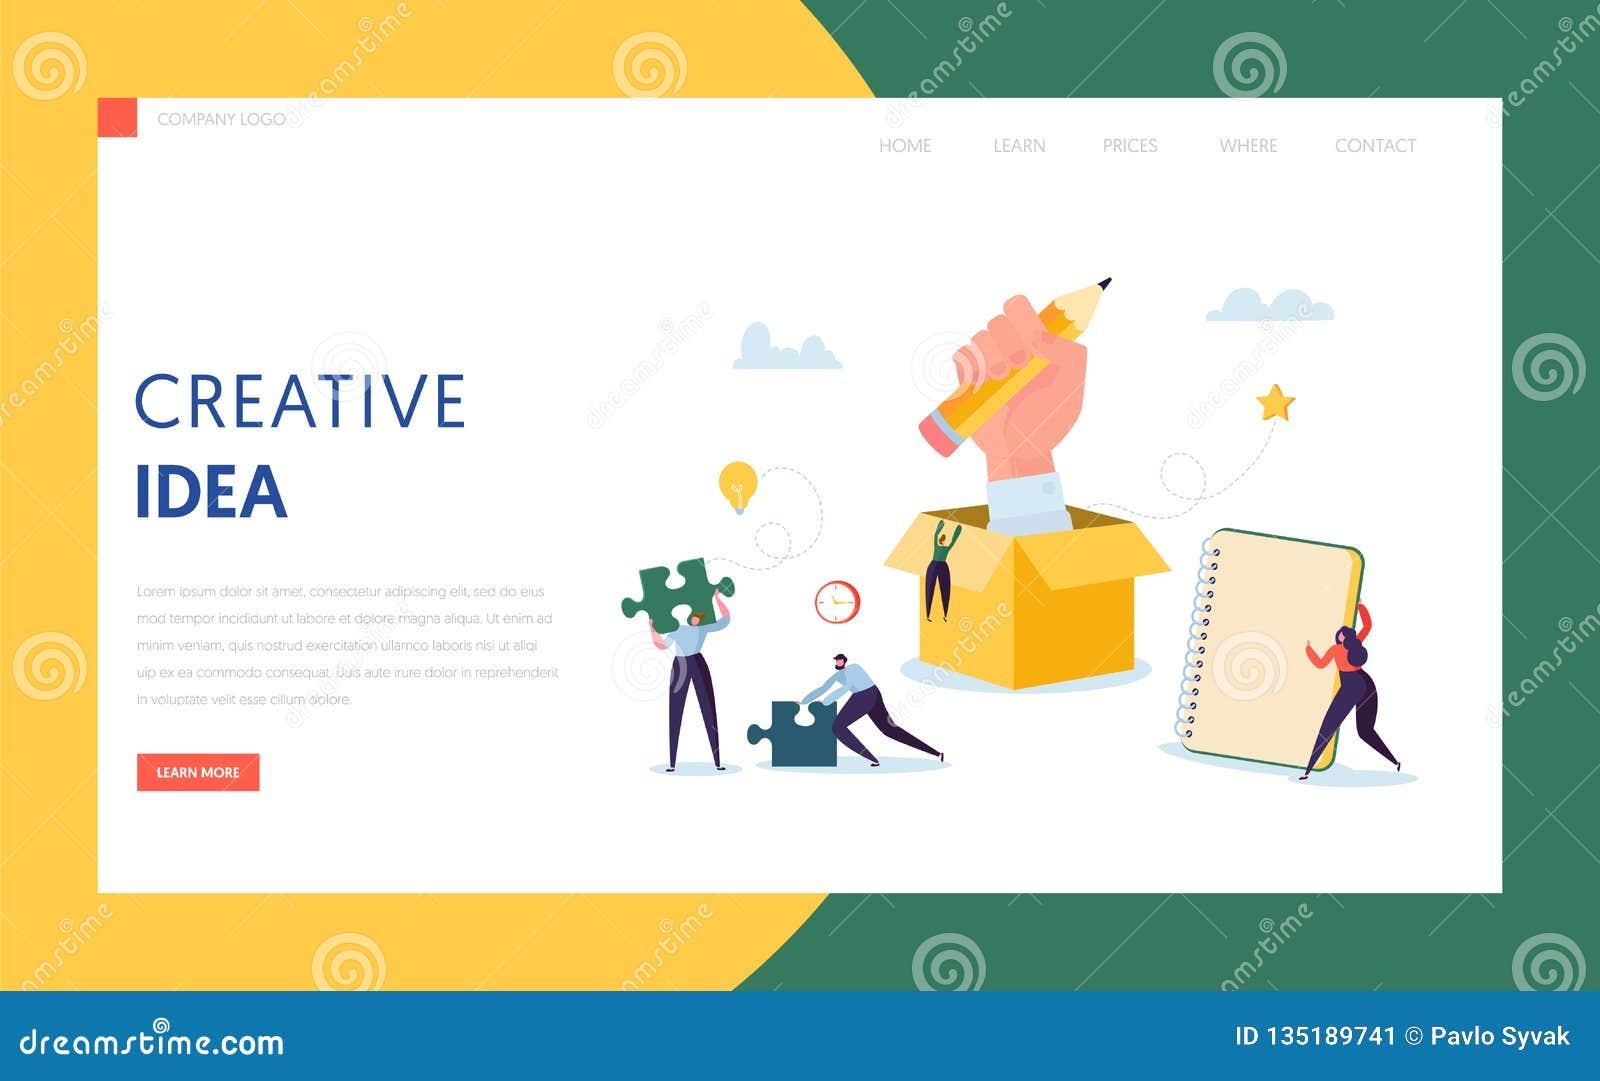 Creatief Idee Bedrijfstechnologielandingspagina Karakter Team Work Together op het Plan van de Succesoplossing voor Project